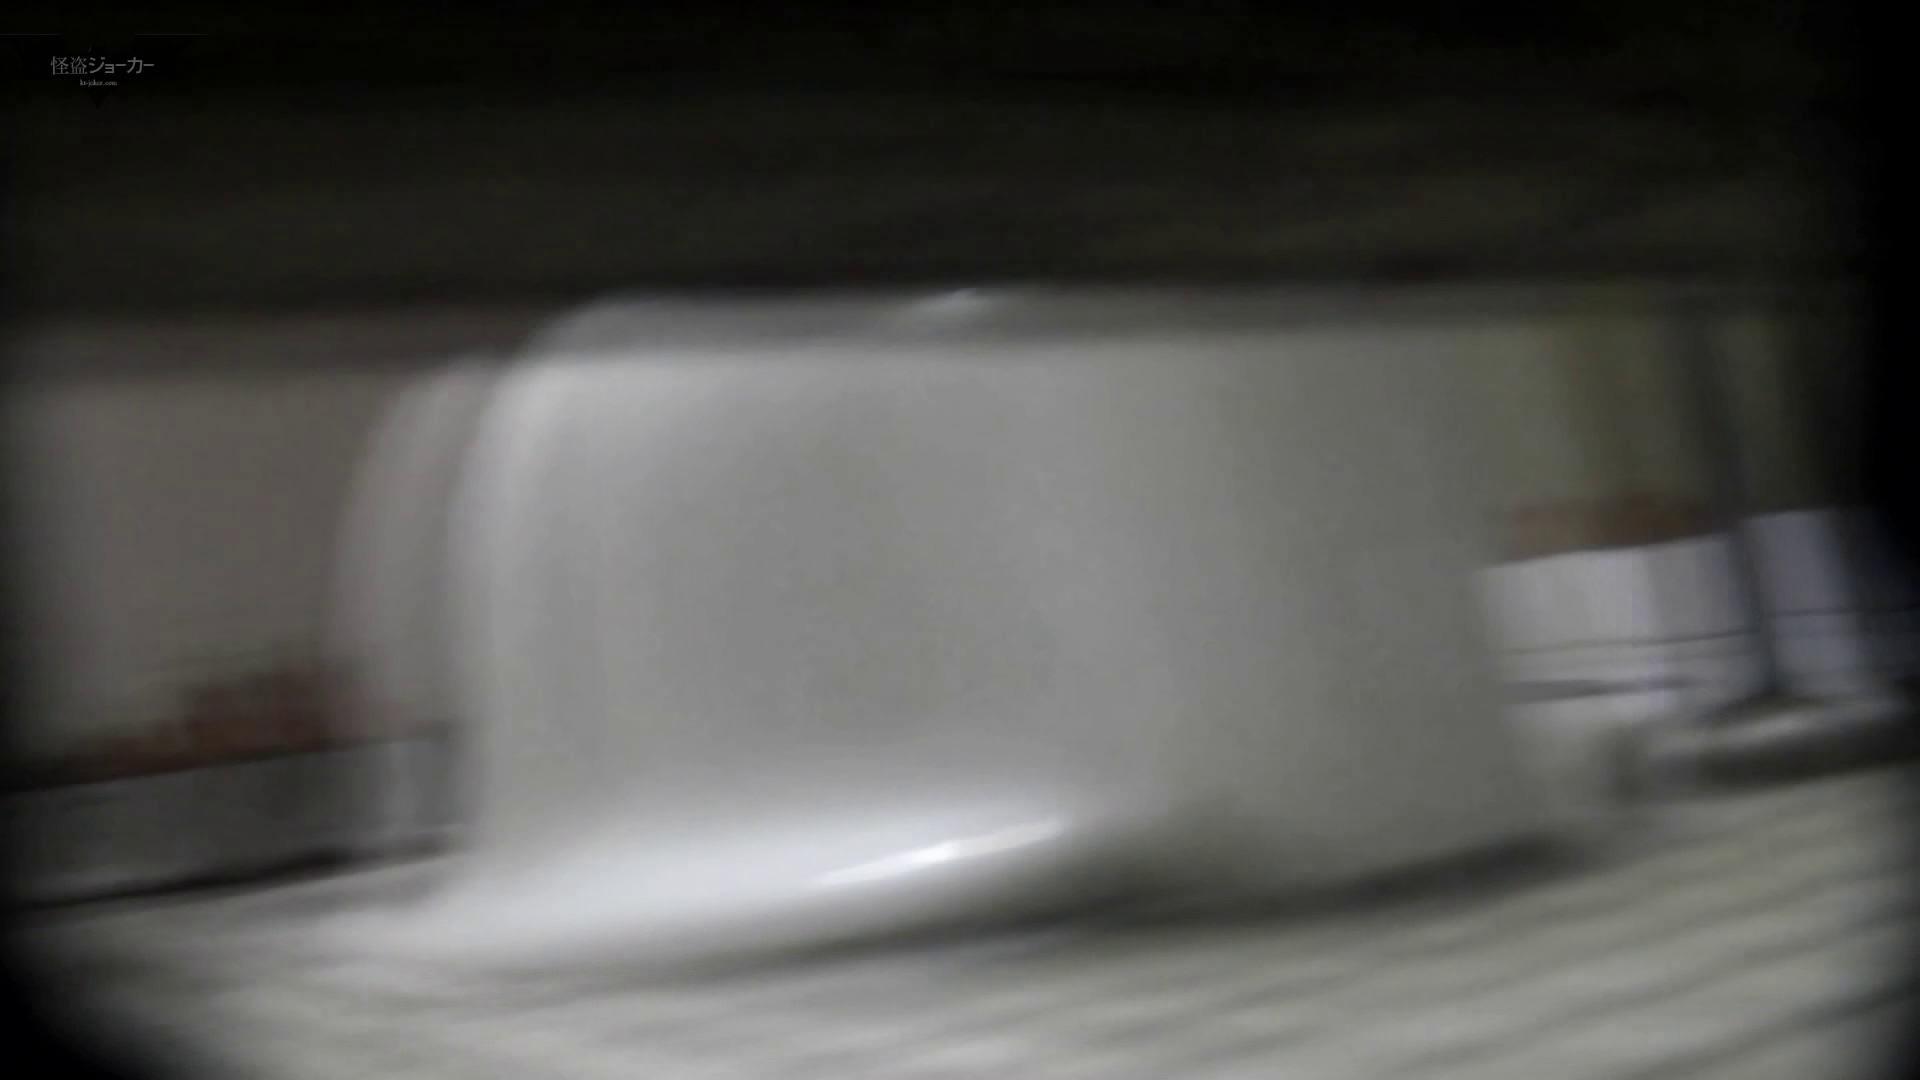 洗面所特攻隊 vol.53 隙間はとても重要なポイントです! 高画質動画 エロ無料画像 62画像 41